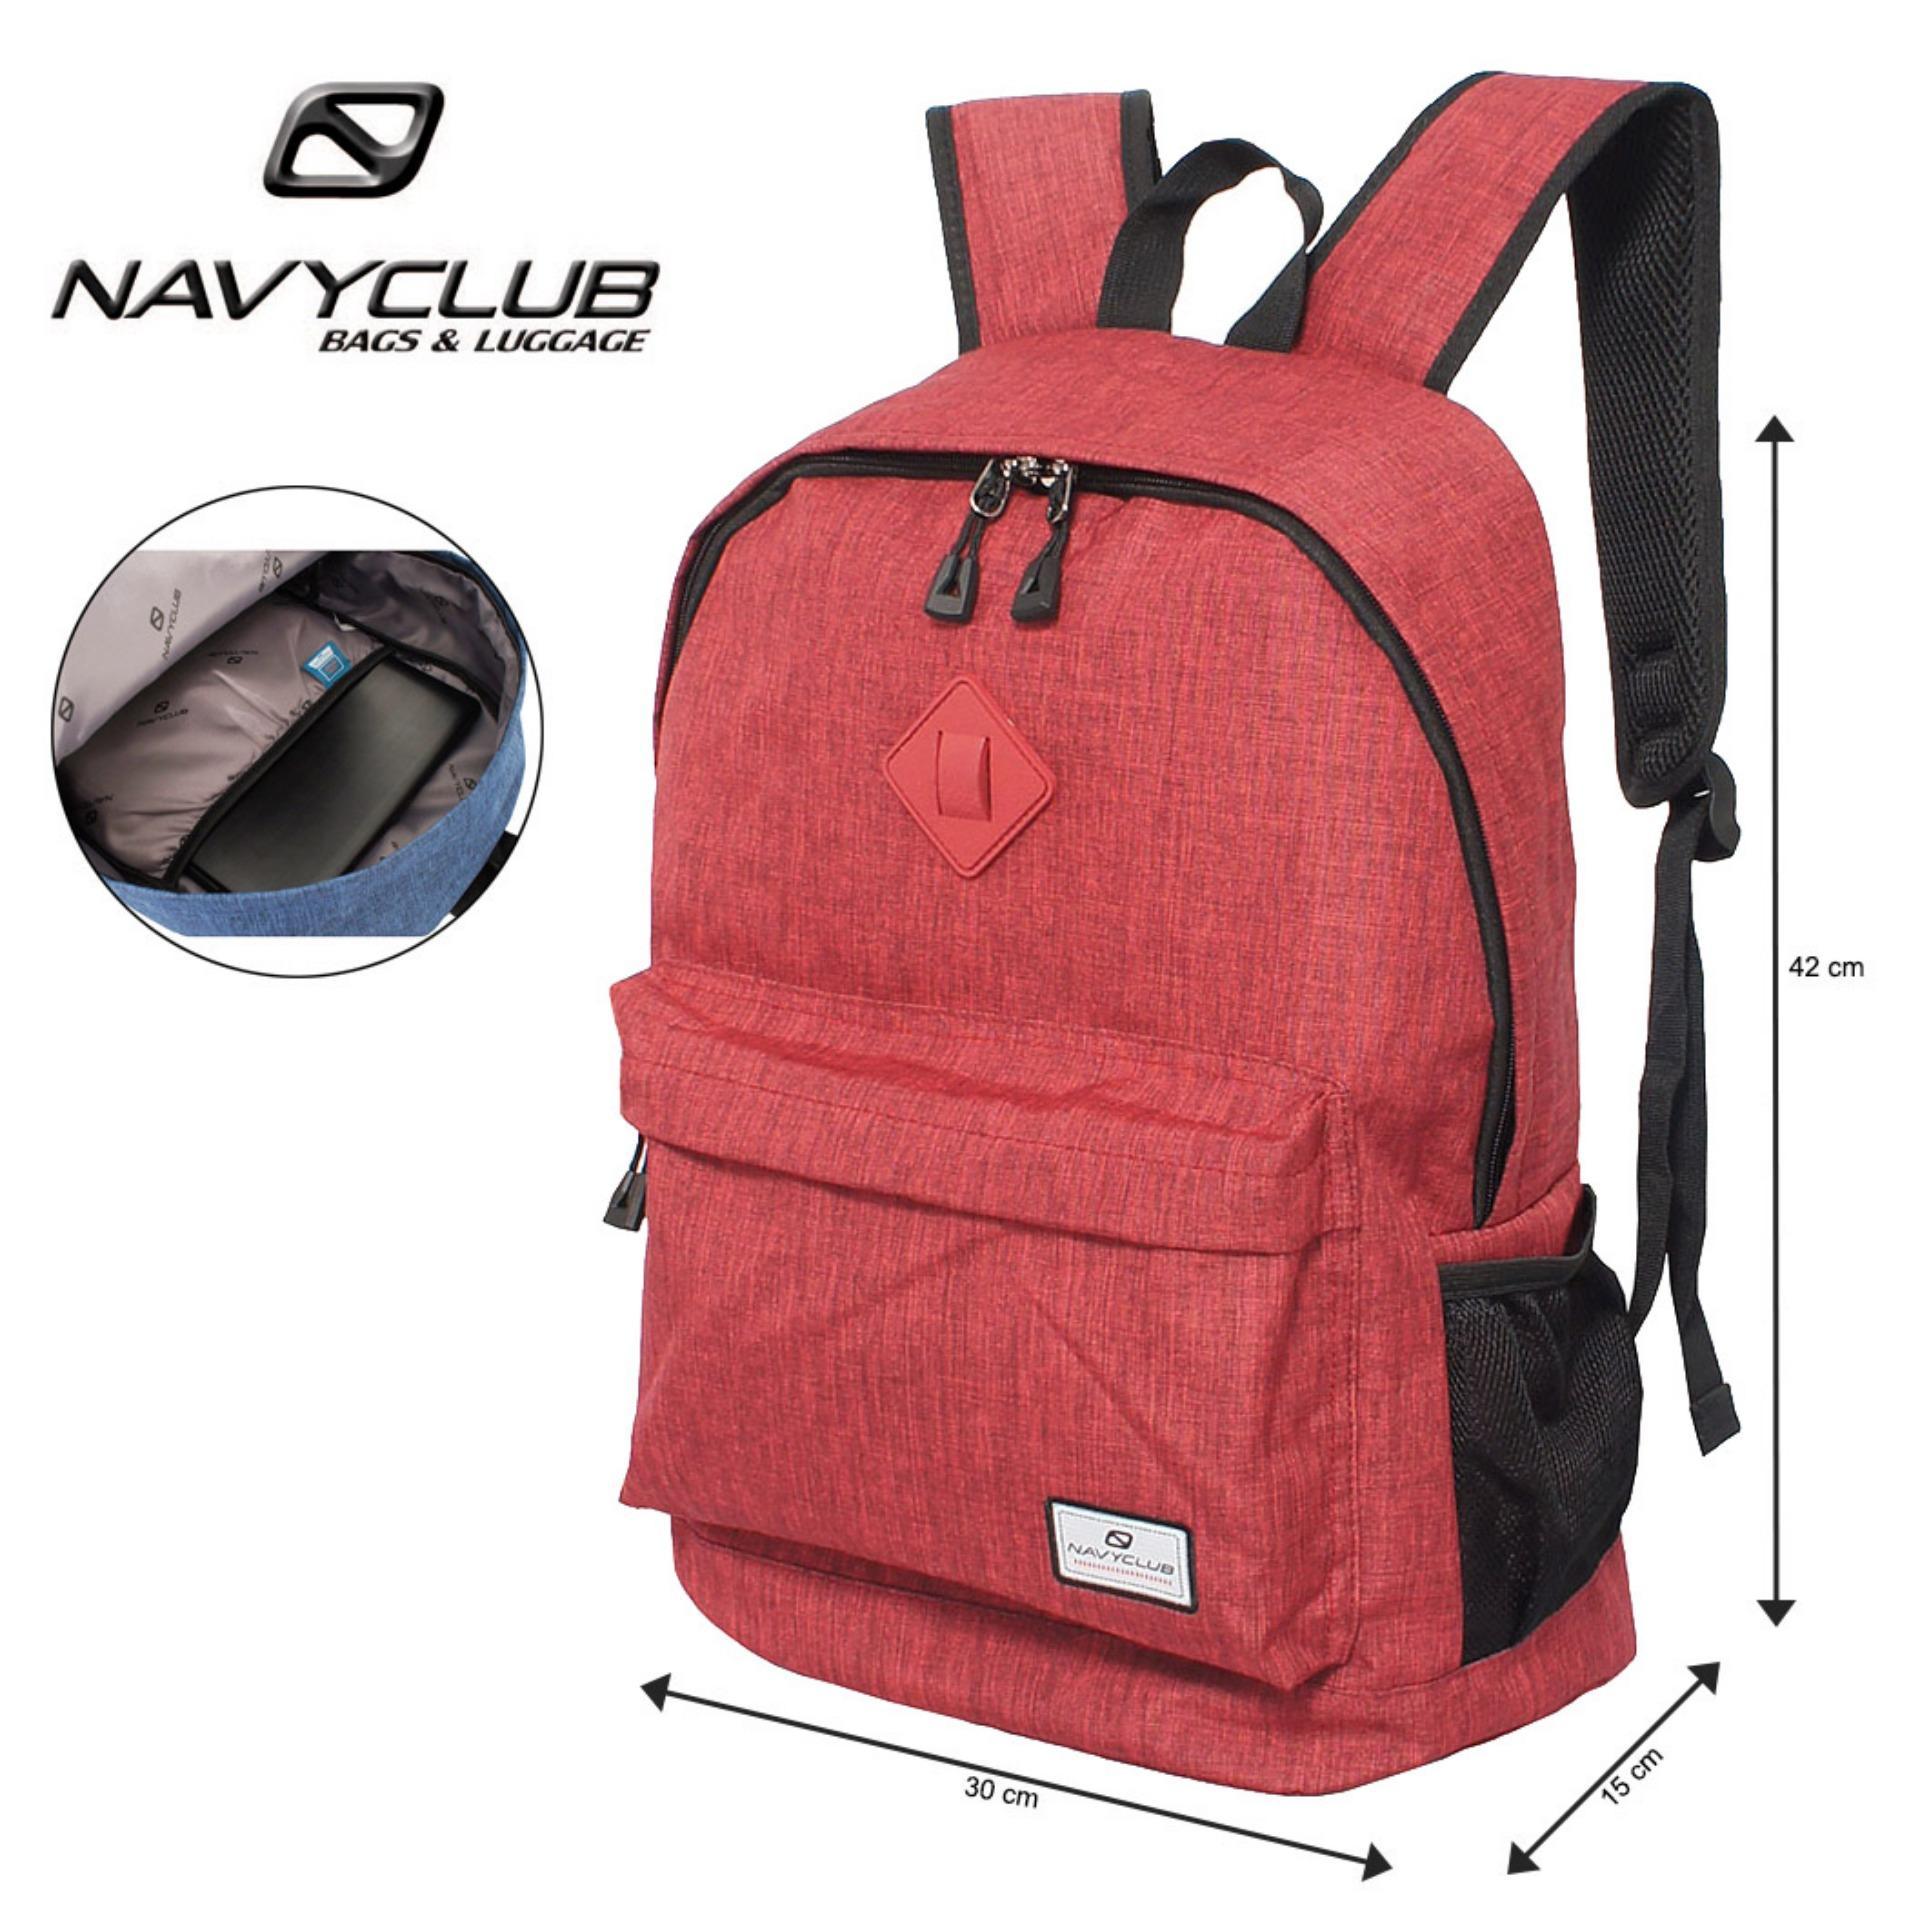 Review Navy Club Tas Ransel Laptop Kasual Tas Pria Tas Wanita Tas Laptop Trendy Eibb Backpack Up To 14 Inch Daypaack Merah